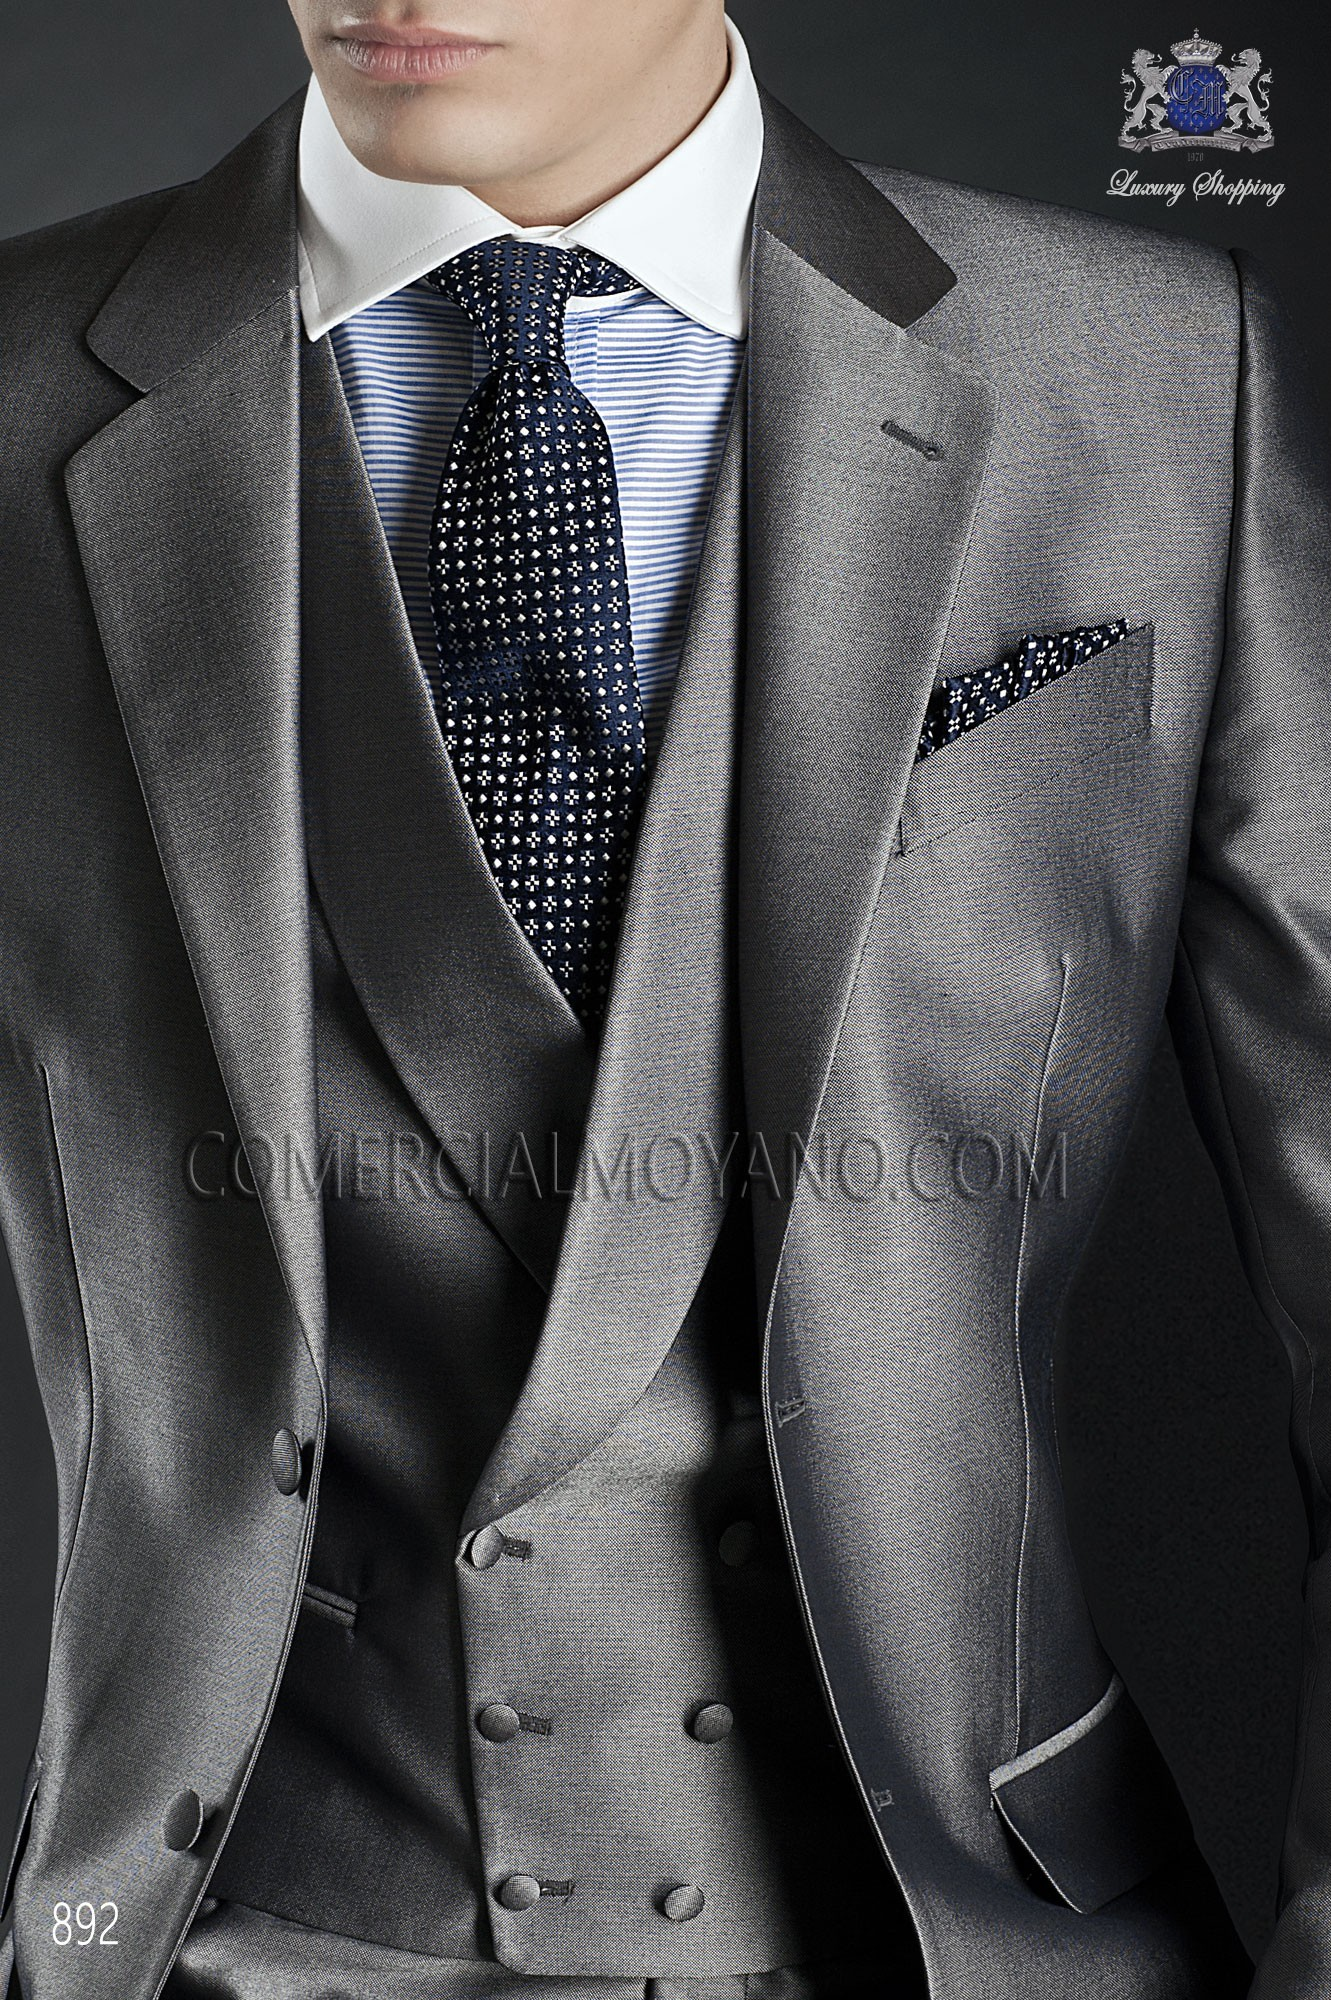 Traje Gentleman de novio gris modelo: 892 Ottavio Nuccio Gala colección Gentleman